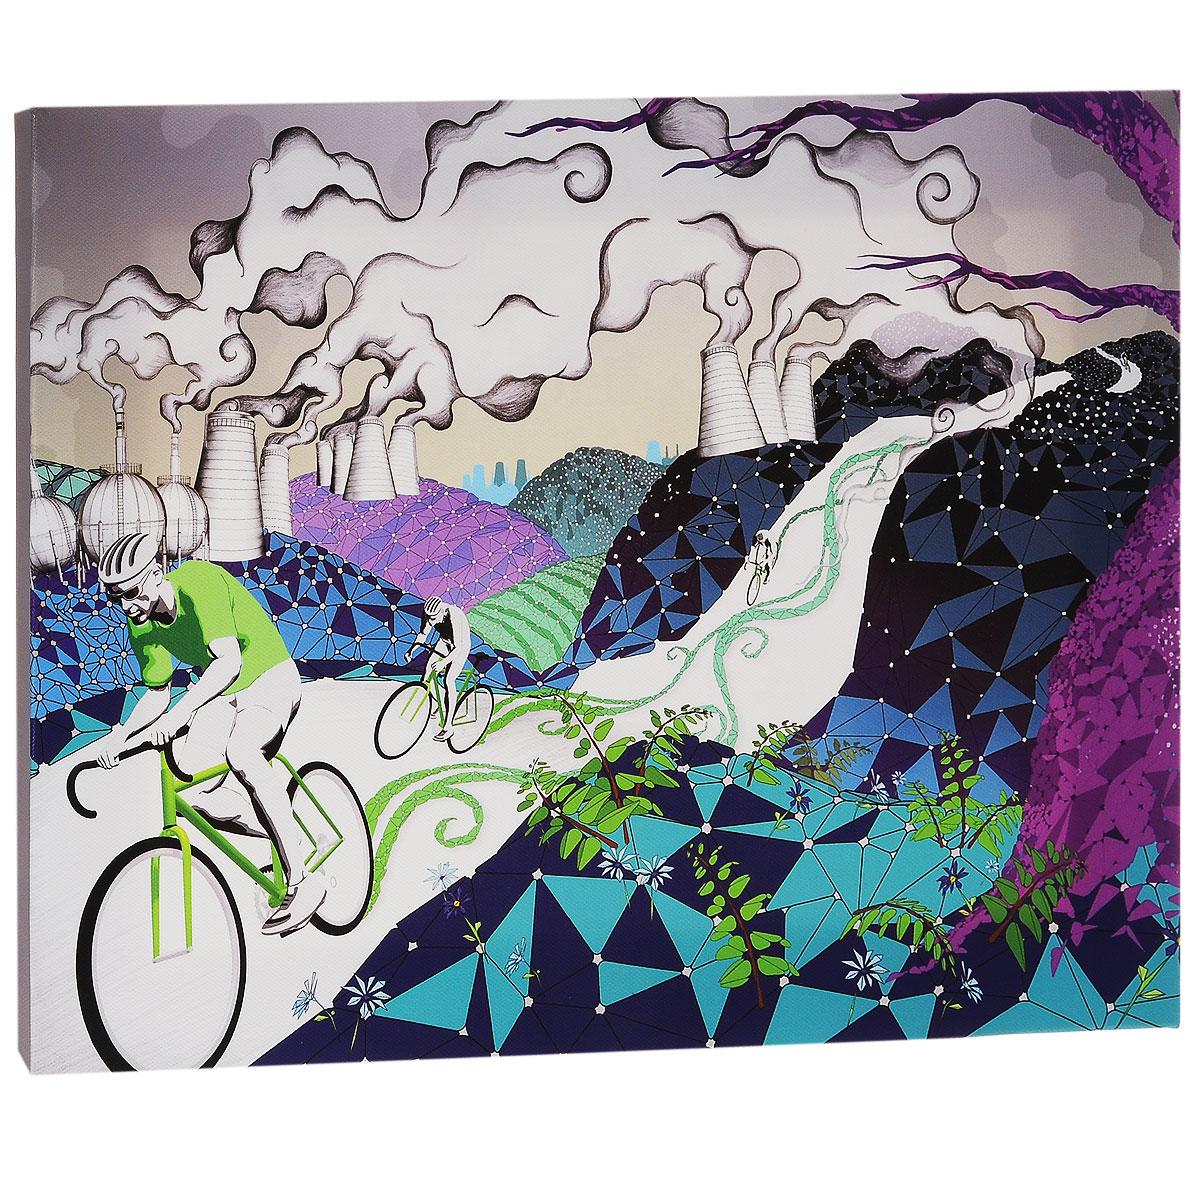 КвикДекор Картина на холсте Велосипеды, 40 см х 30 смAP-00823-00039-Cn6070Картина на холсте КвикДекор Велосипеды - это прекрасное украшение для вашей гостиной или спальни. Она привнесет в интерьер яркий акцент и сделает обстановку комфортной и уютной. A.k.A - лондонская студия-бутик, включающая в себя творческую группу художников, которые часто работают в тесном сотрудничестве друг с другом. Их работы были отмечены по всему миру для таких крупных компаний, как Dreamworks, Pepsi, Random House, Ford, Avia, Mazda, Future, TIME, Phillip Morris, Bacardi и многие другие. Студия A.k.A была даже номинирована на Оскар, как независимая студия анимации в Лондоне. Их работы создаются с помощью сочетания фотографий, 3D-моделирования, обработки в Photoshop, традиционного ретуширования, рисунка карандашом, векторной графики и пера и чернил. Этот уникальный и многоплановый стиль делает студию A.k.A выдающейся. Работы художников-дизайнеров студии сразу бросаются в глаза и мало кого оставляют равнодушными. Картина на холсте КвикДекор Велосипеды не нуждается в рамке или багете - галерейная натяжка холста на подрамники выполнена очень аккуратно, а боковые части картины запечатаны продолжением картинки либо тоновой заливкой. На обратной стороне подрамника есть отверстие, благодаря которому картину можно легко закрепить на стене, и подкорректировать ее положение. Картина на холсте Велосипеды дизайн-студии A.k.A станет отличным украшением для вашего интерьера!